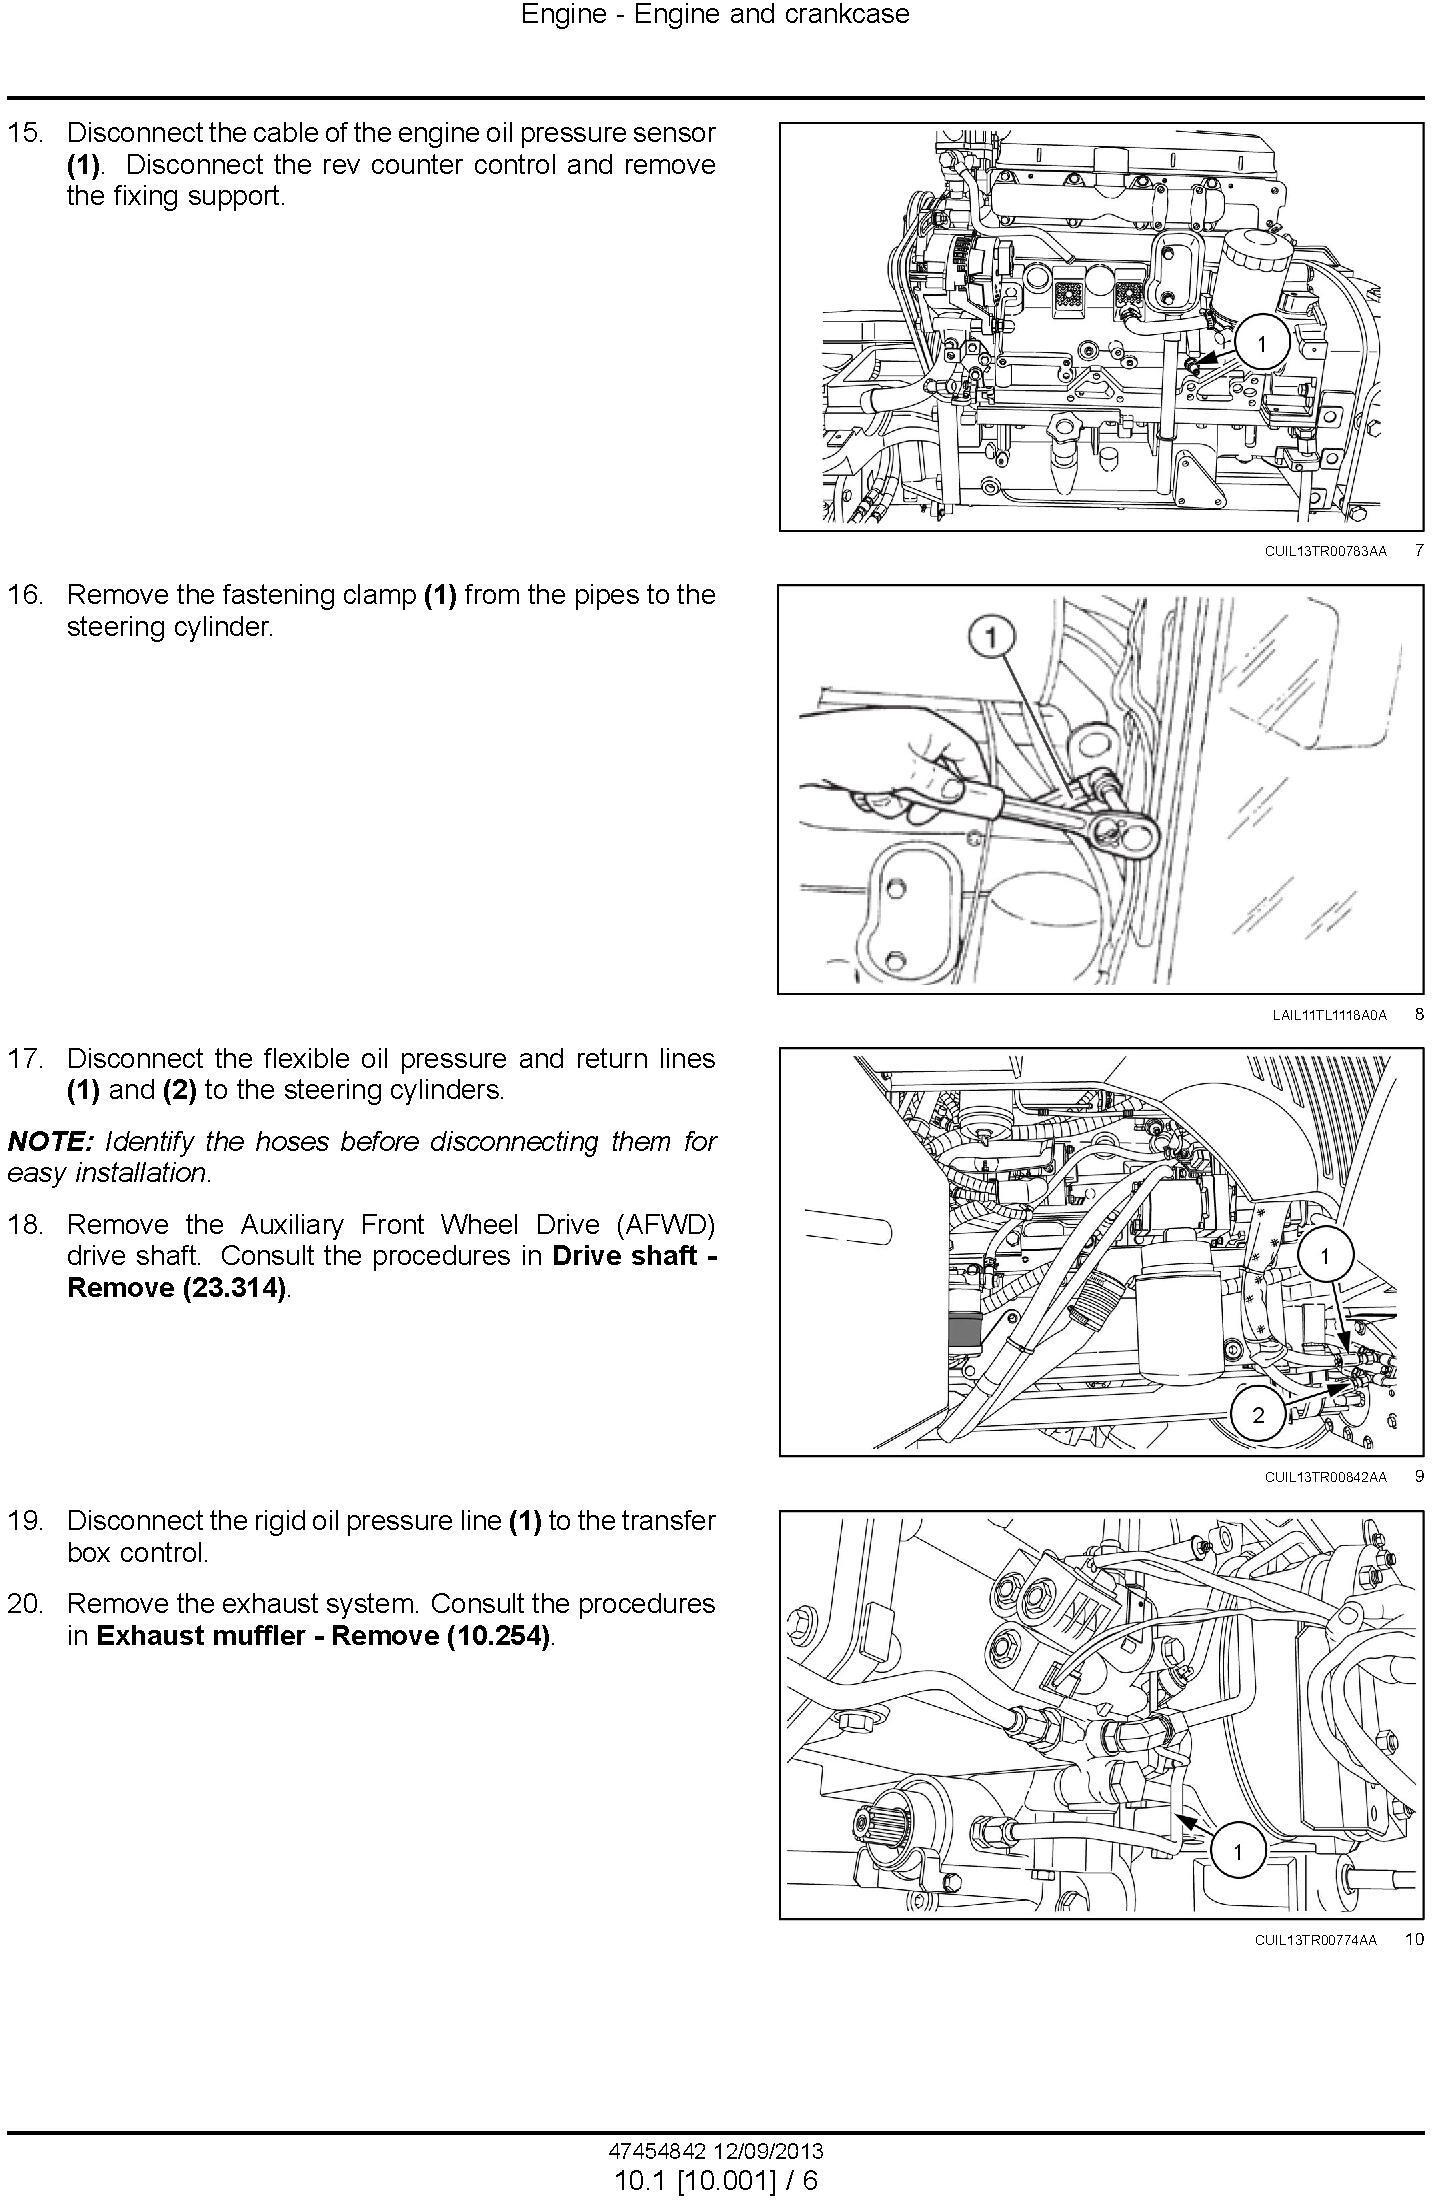 New Holland TL60E, TL75E, TL85E, TL95E Latin American tractors MY2013 Service Manual - 1